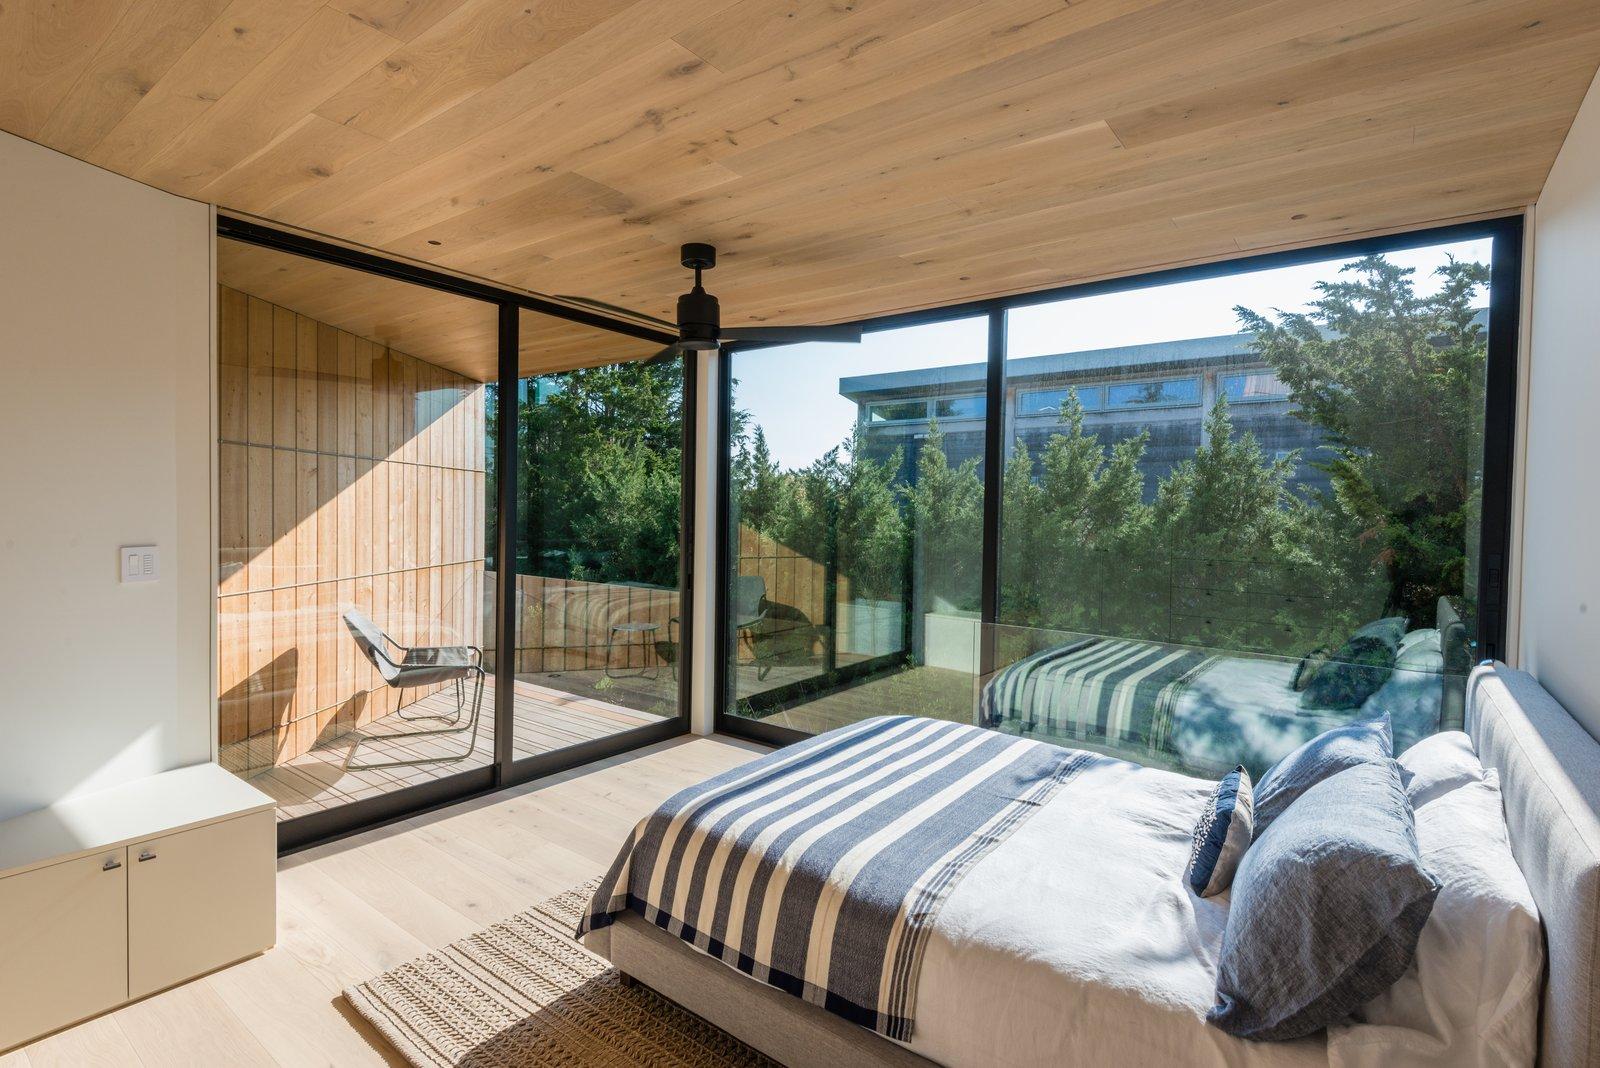 Bedroom, Bed, Dresser, Ceiling Lighting, Chair, Light Hardwood Floor, and Recessed Lighting  Amagansett Landmark